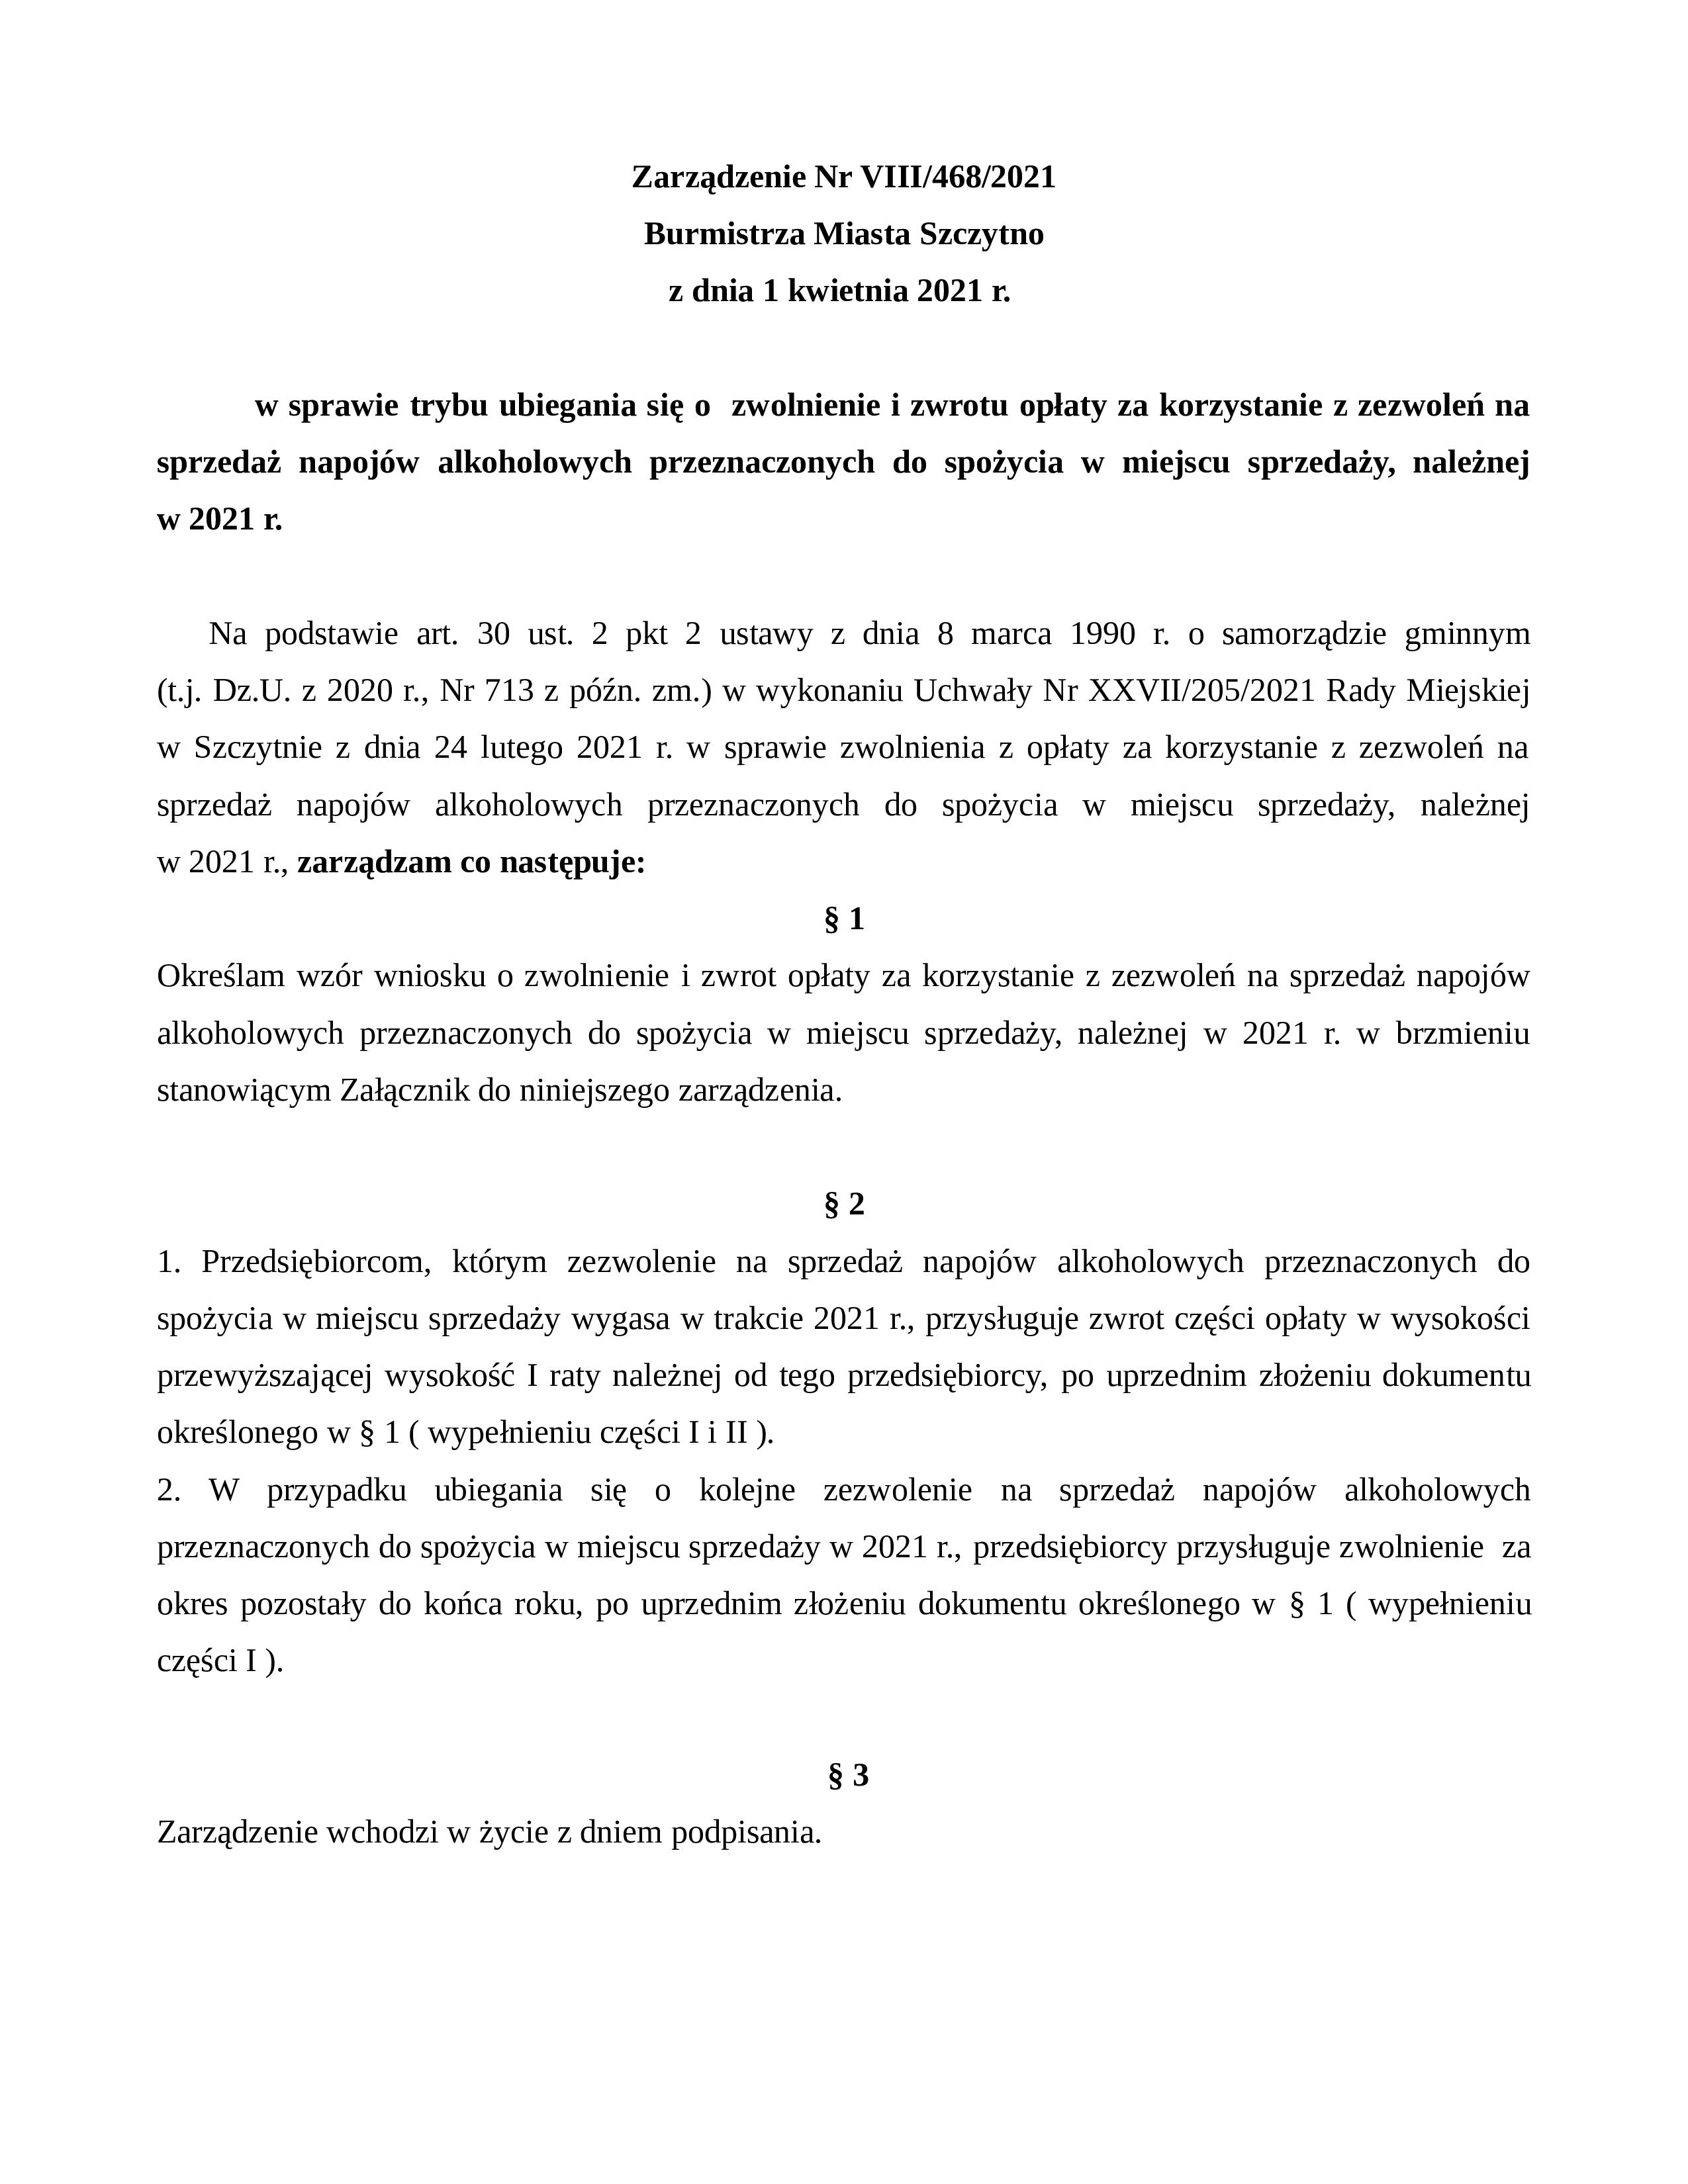 https://m.powiatszczycienski.pl/2021/04/orig/small-0-39358.png